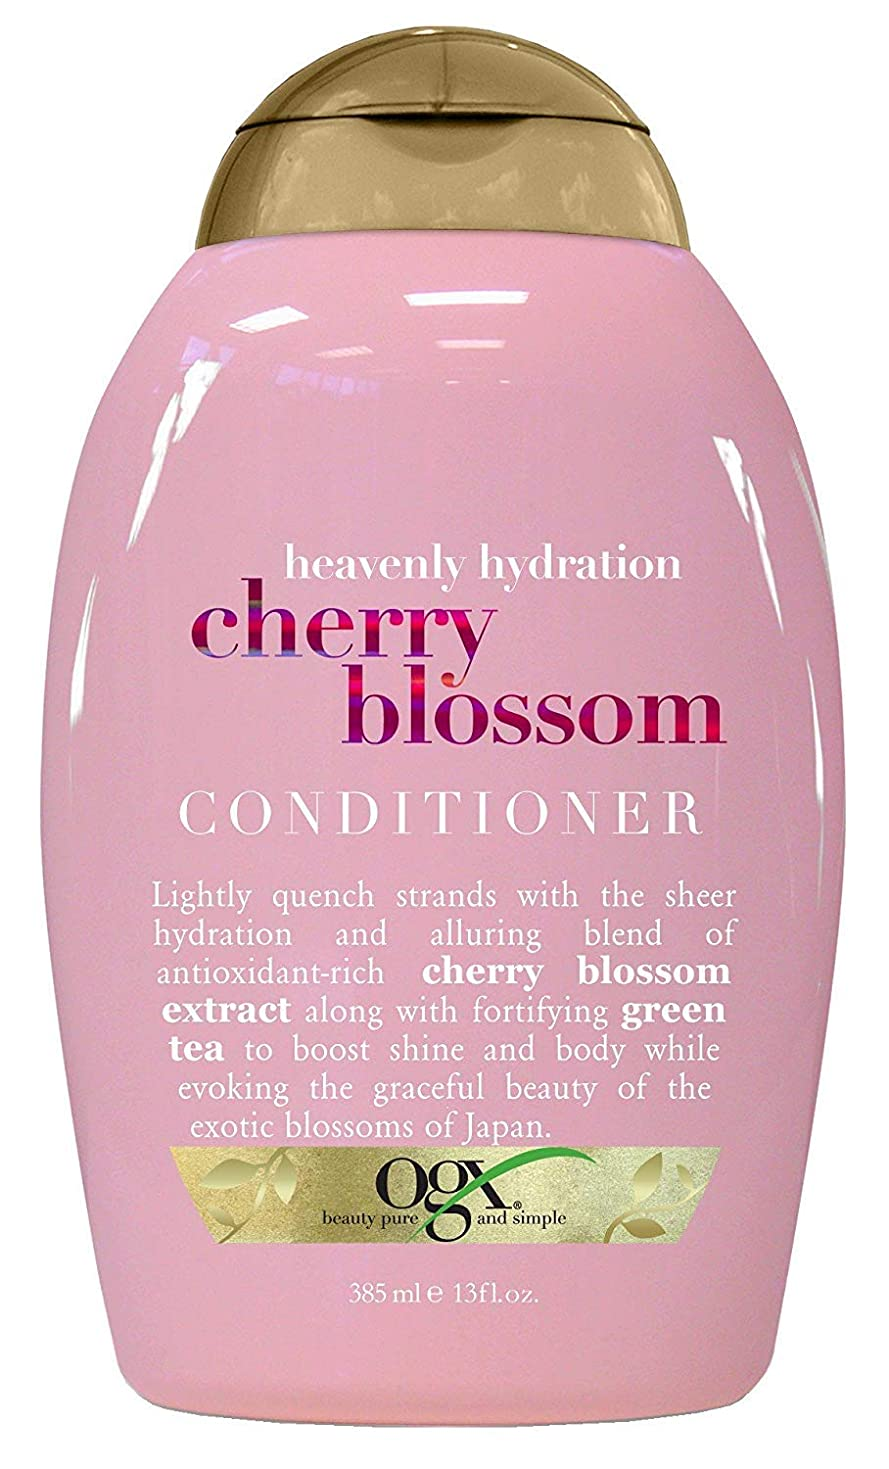 とてもセイはさておき蒸気OGX Heavenly Hydration Cherry Blossom Conditioner 13oz 360ml チェリーブロッサム コンディショナー [並行輸入品]